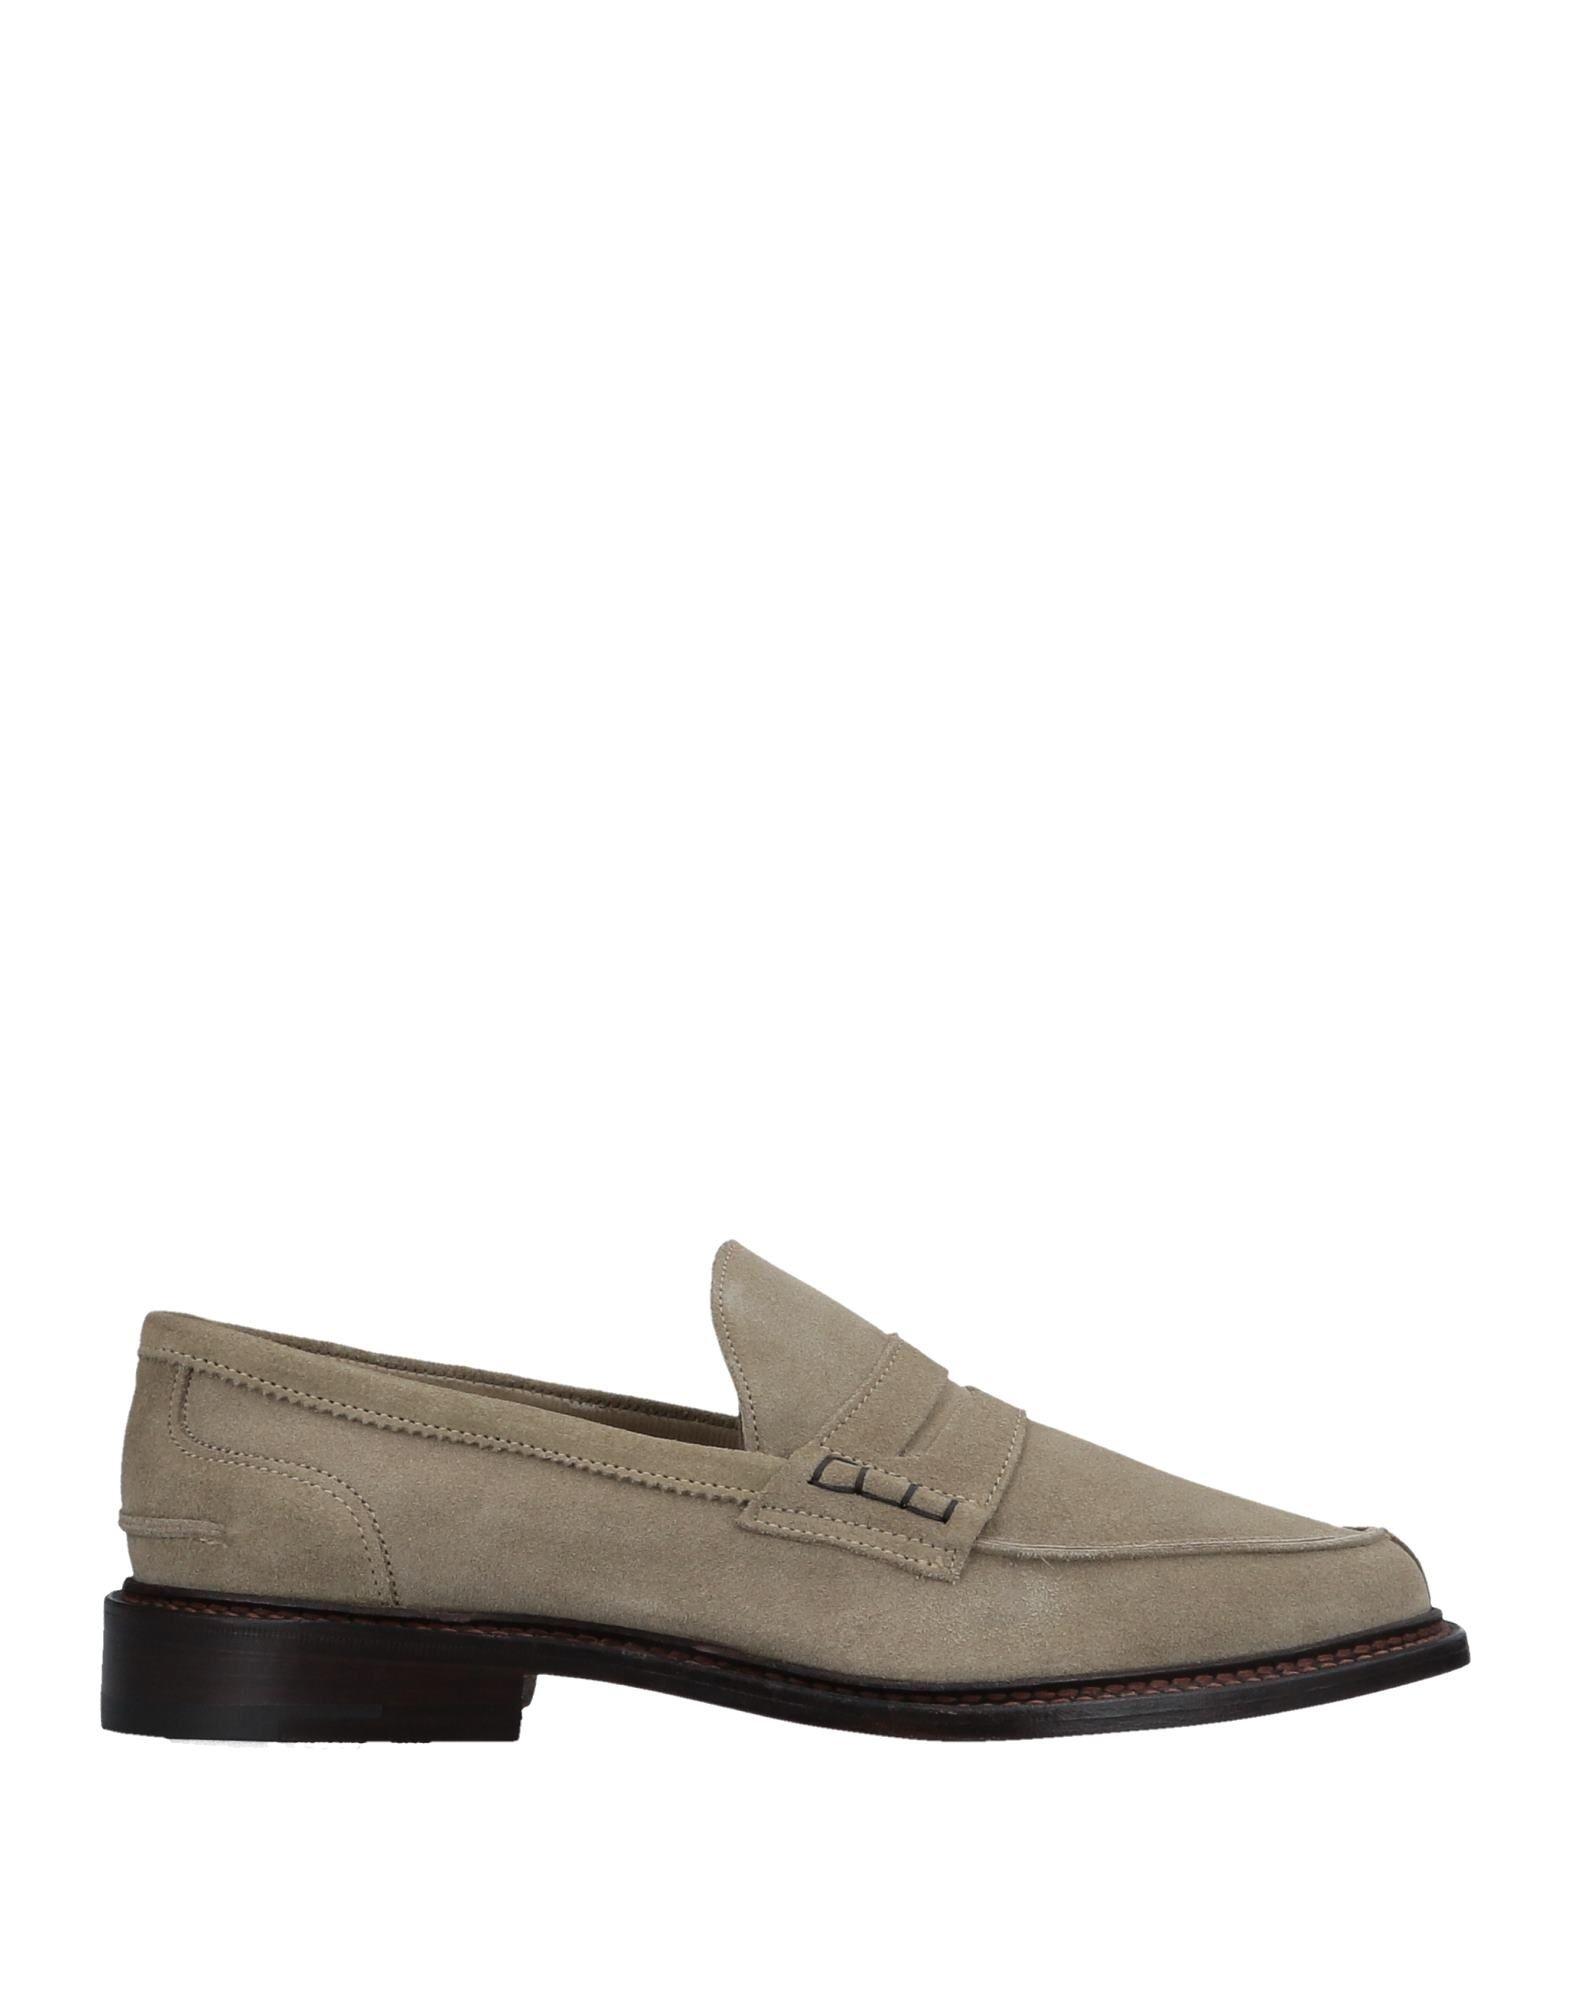 Tricker's Mokassins Herren  11511559PB Gute Qualität beliebte Schuhe